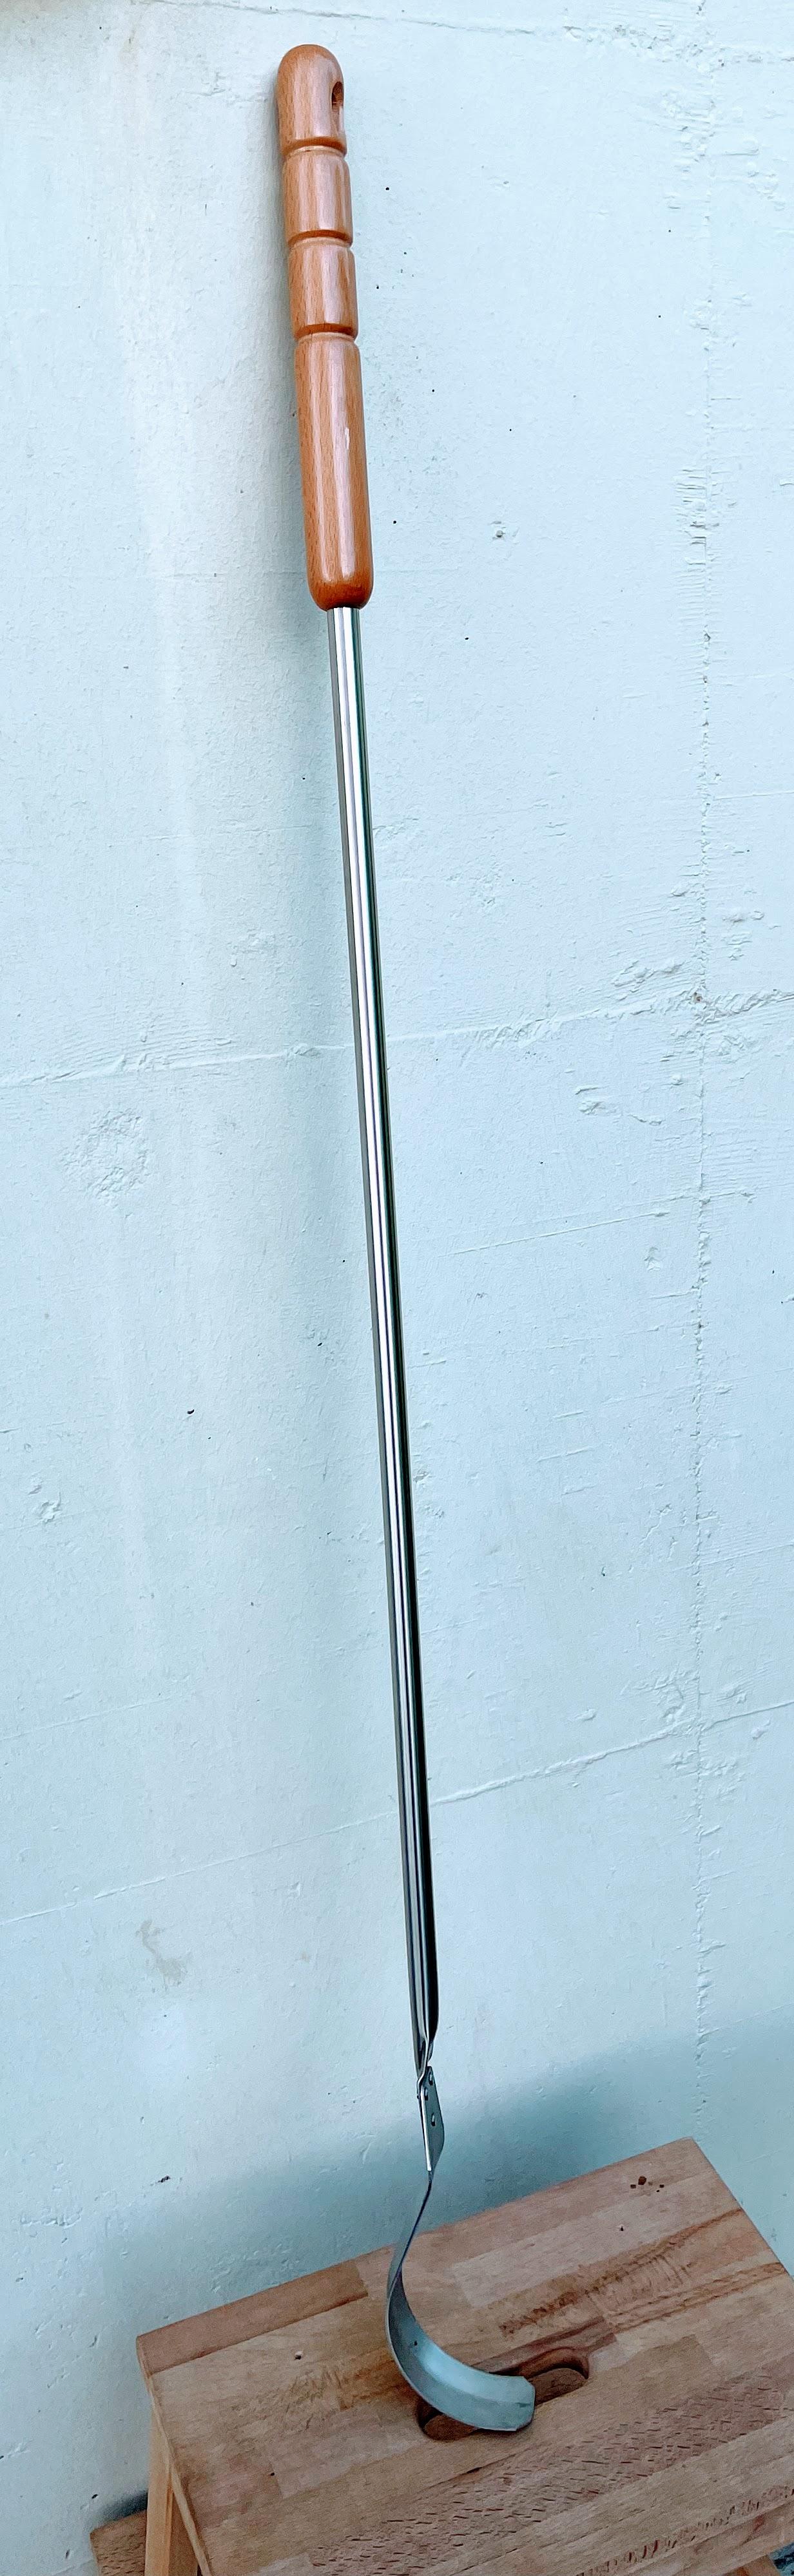 Aschekratzer Länge 1500 mm